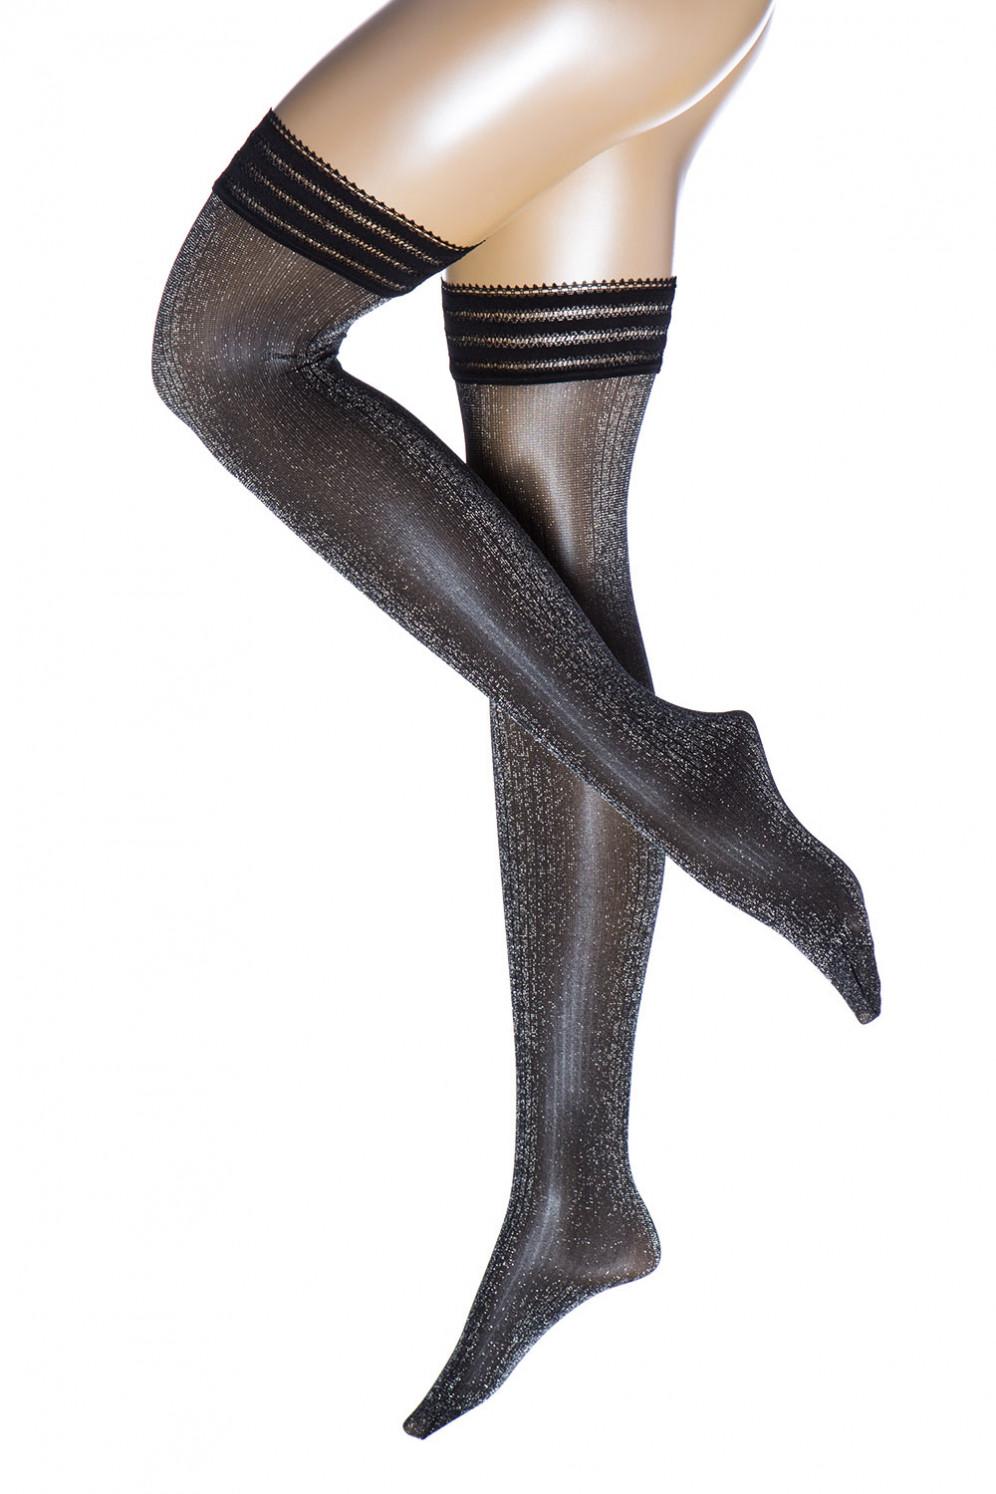 suche nach echtem neu kommen an exquisiter Stil Halterlose Strümpfe - LUREX RIB